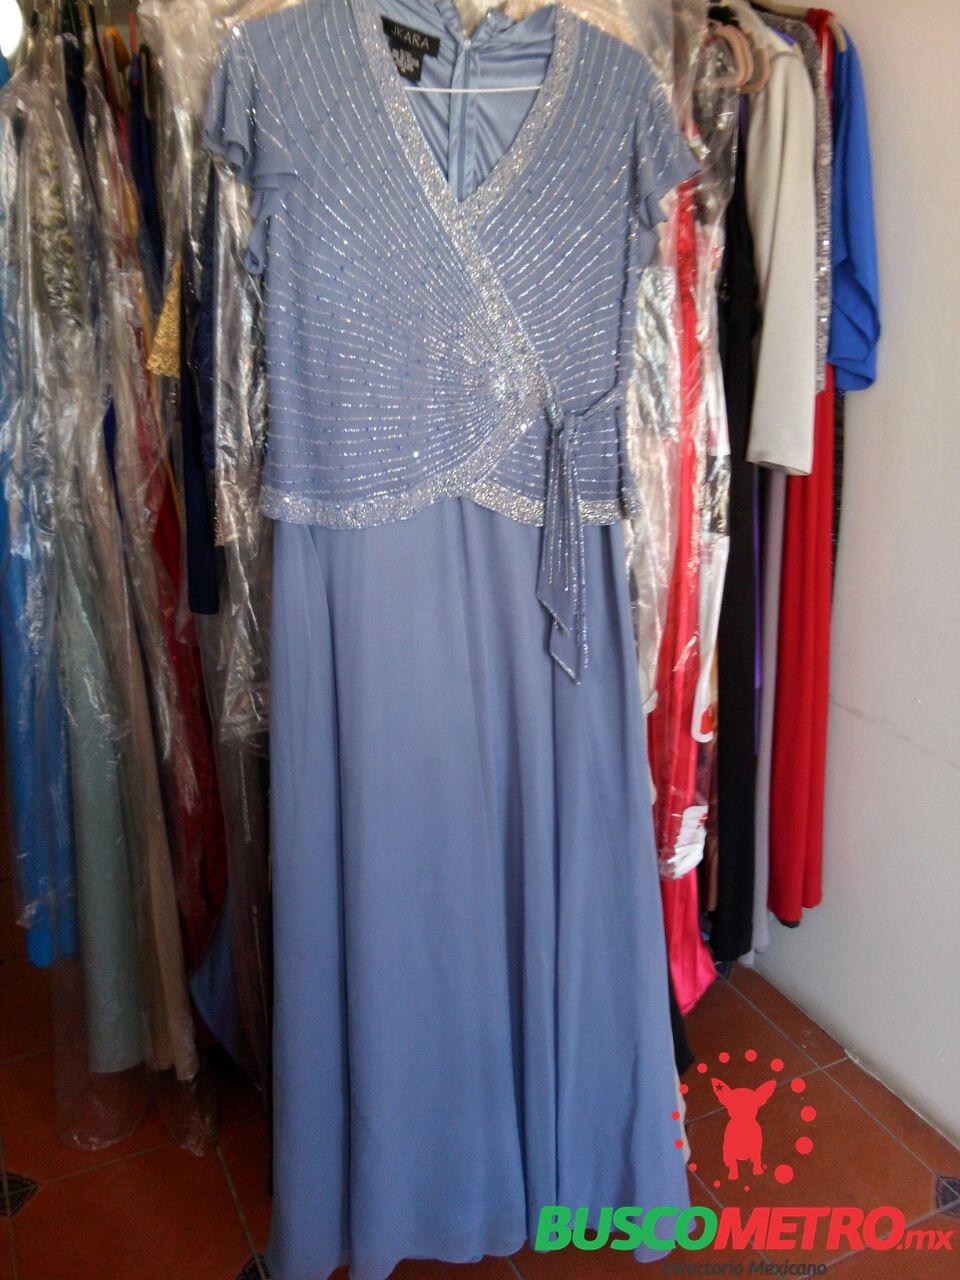 Renta de vestidos de noche los mochis